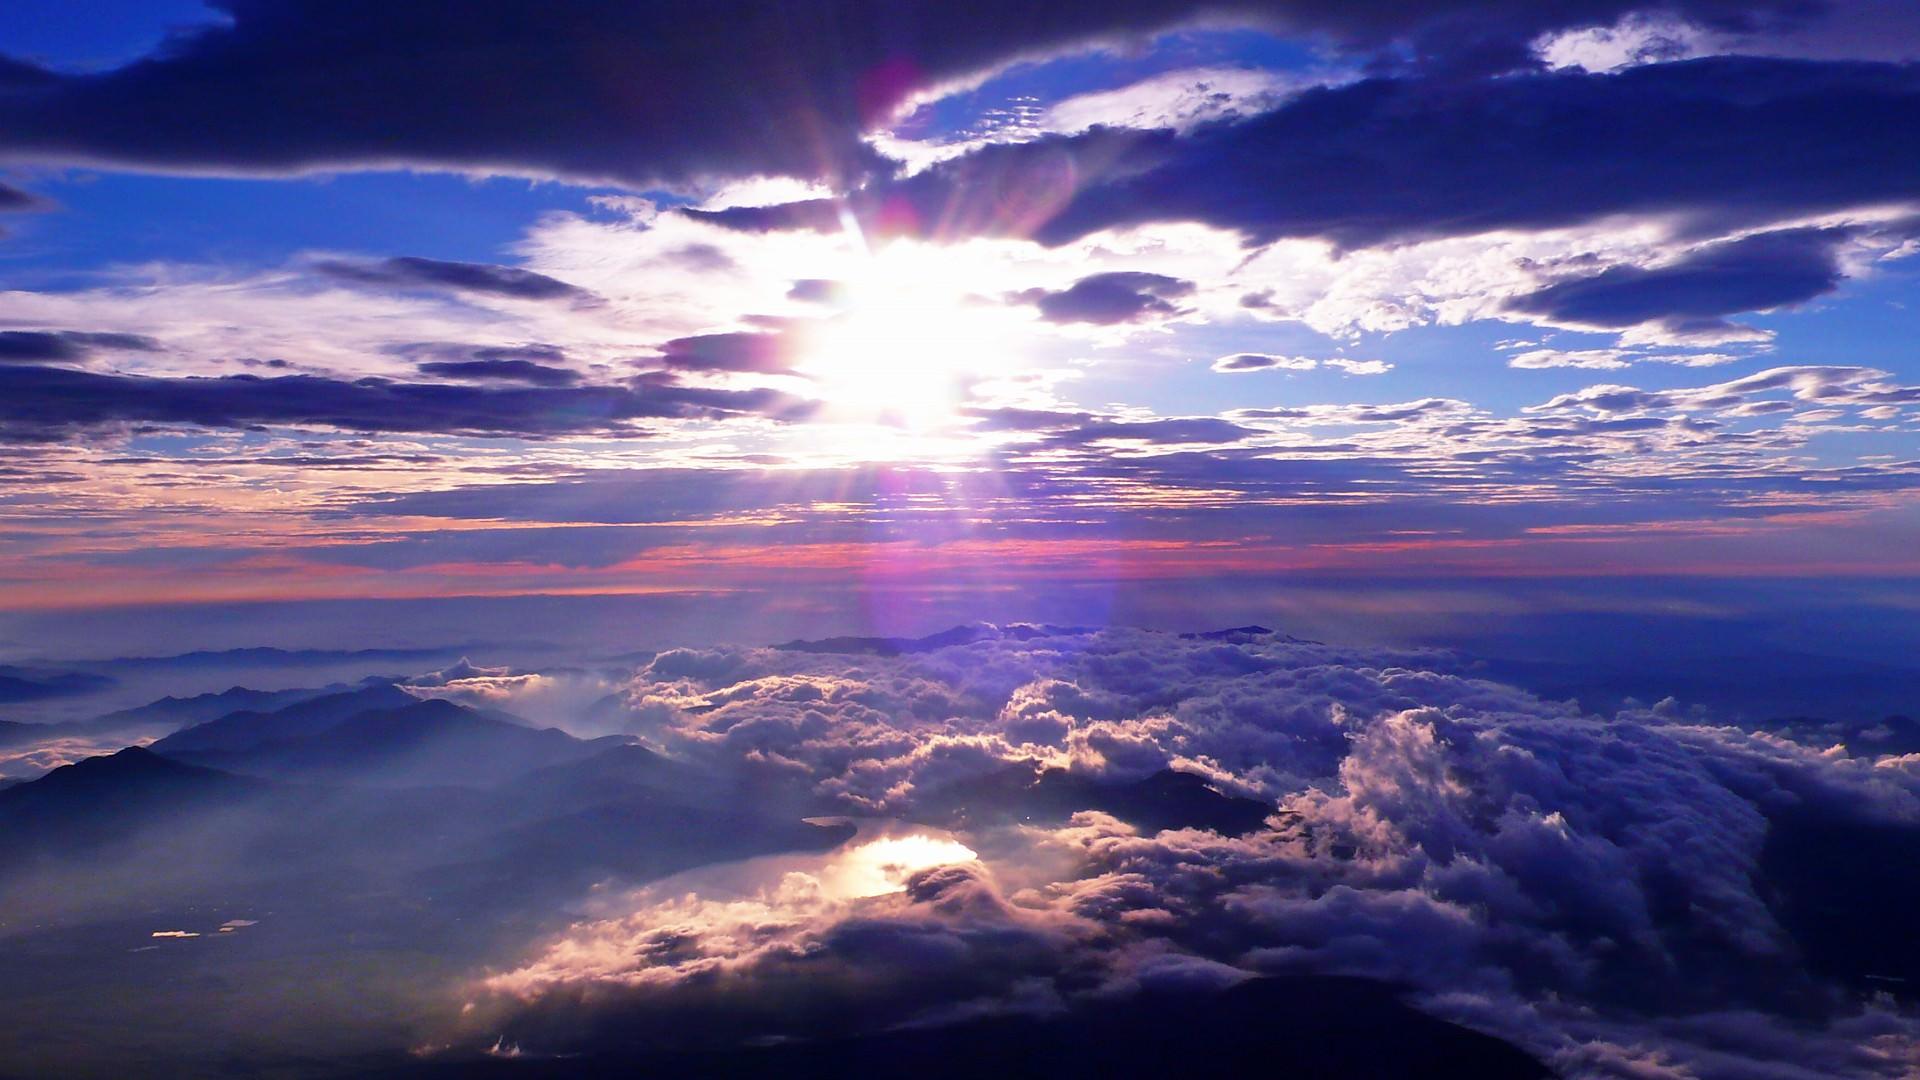 空 雲の壁紙 19 1080 1 スマホ Pc用壁紙 Wallpaper Box